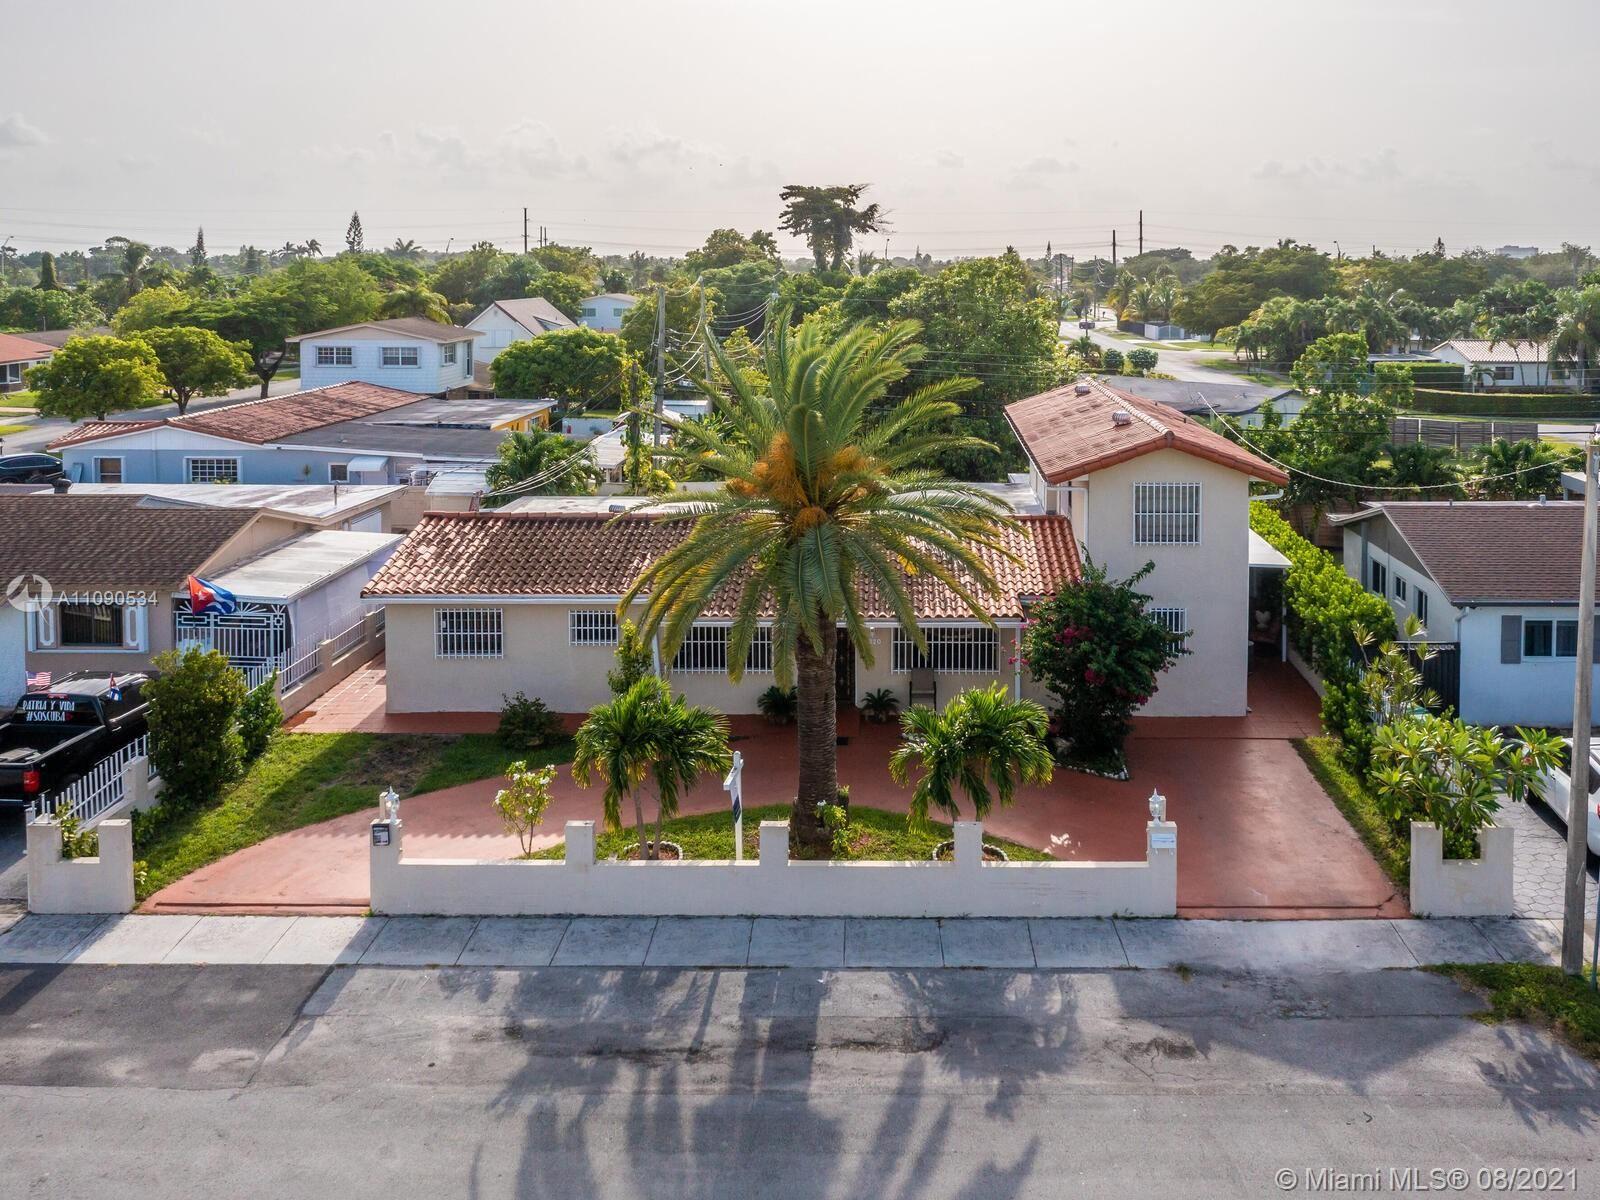 2820 SW 95th Ave, Miami, FL 33165 - #: A11090534